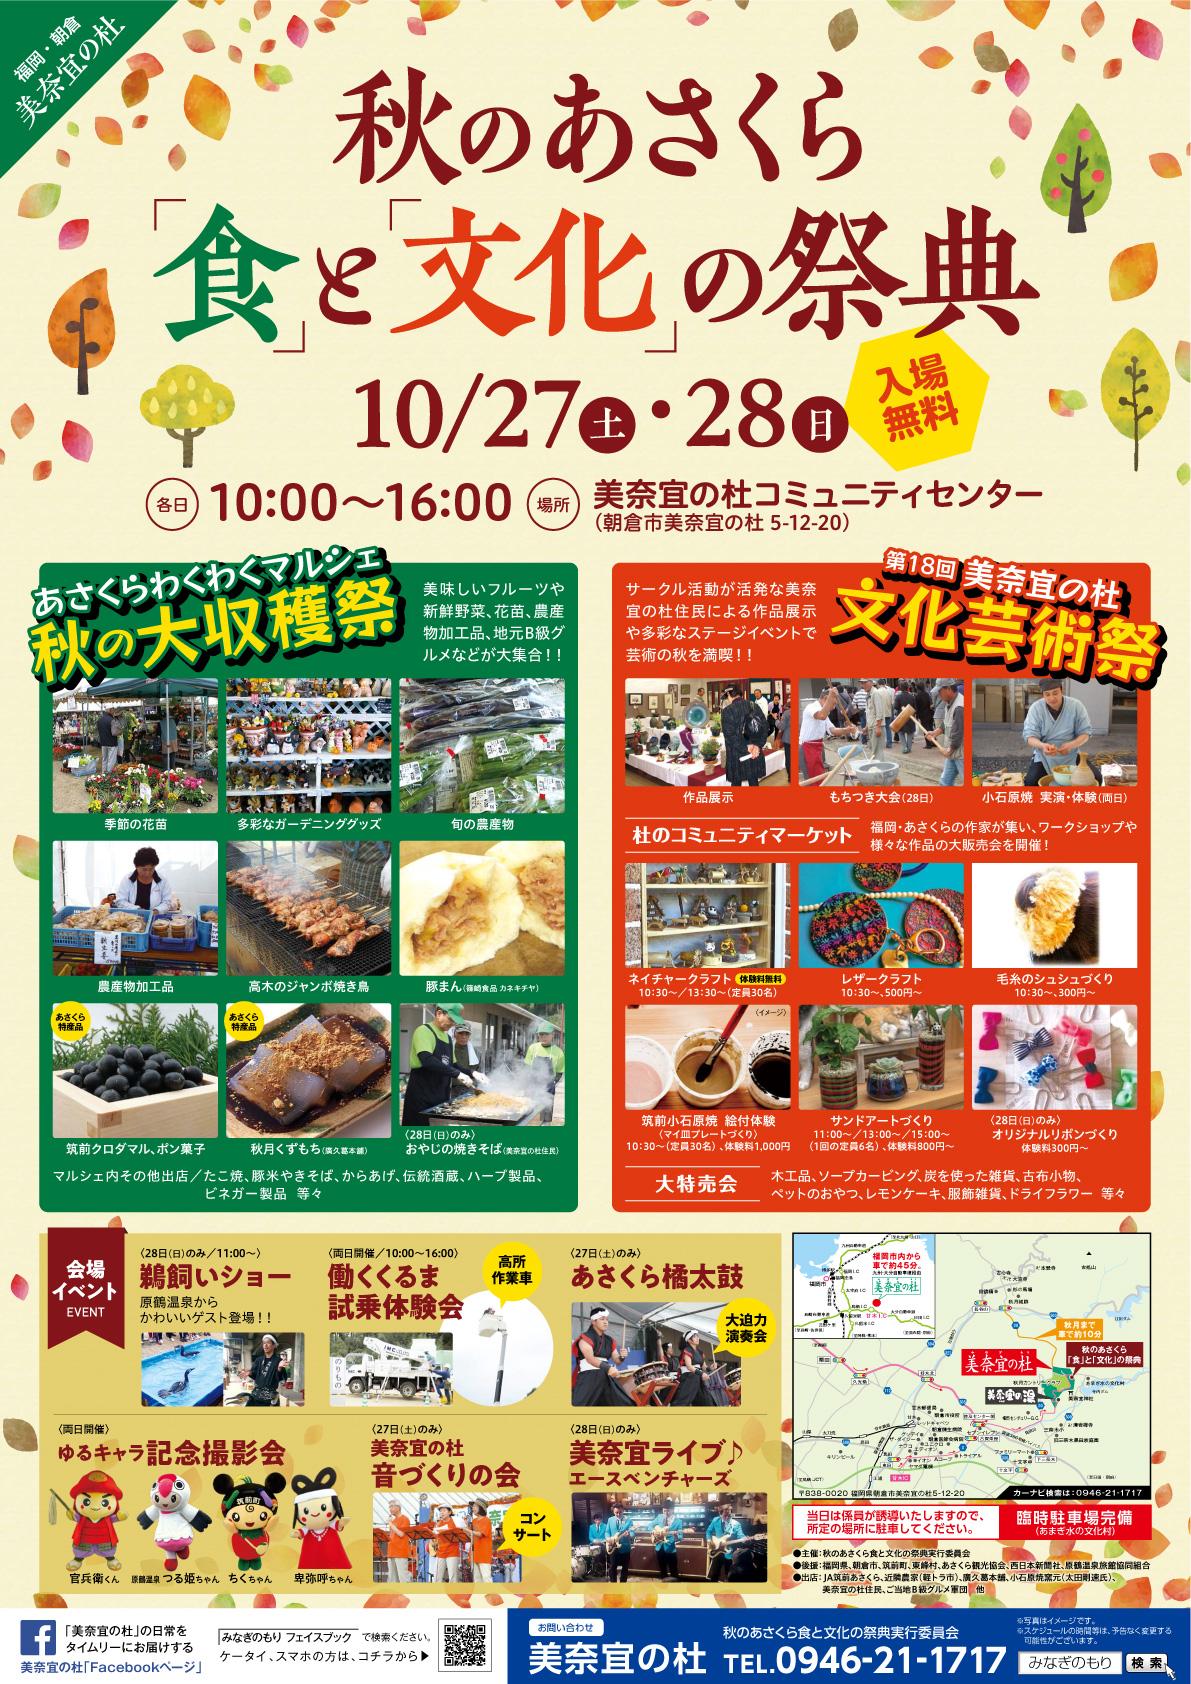 朝倉市 食と文化の祭典